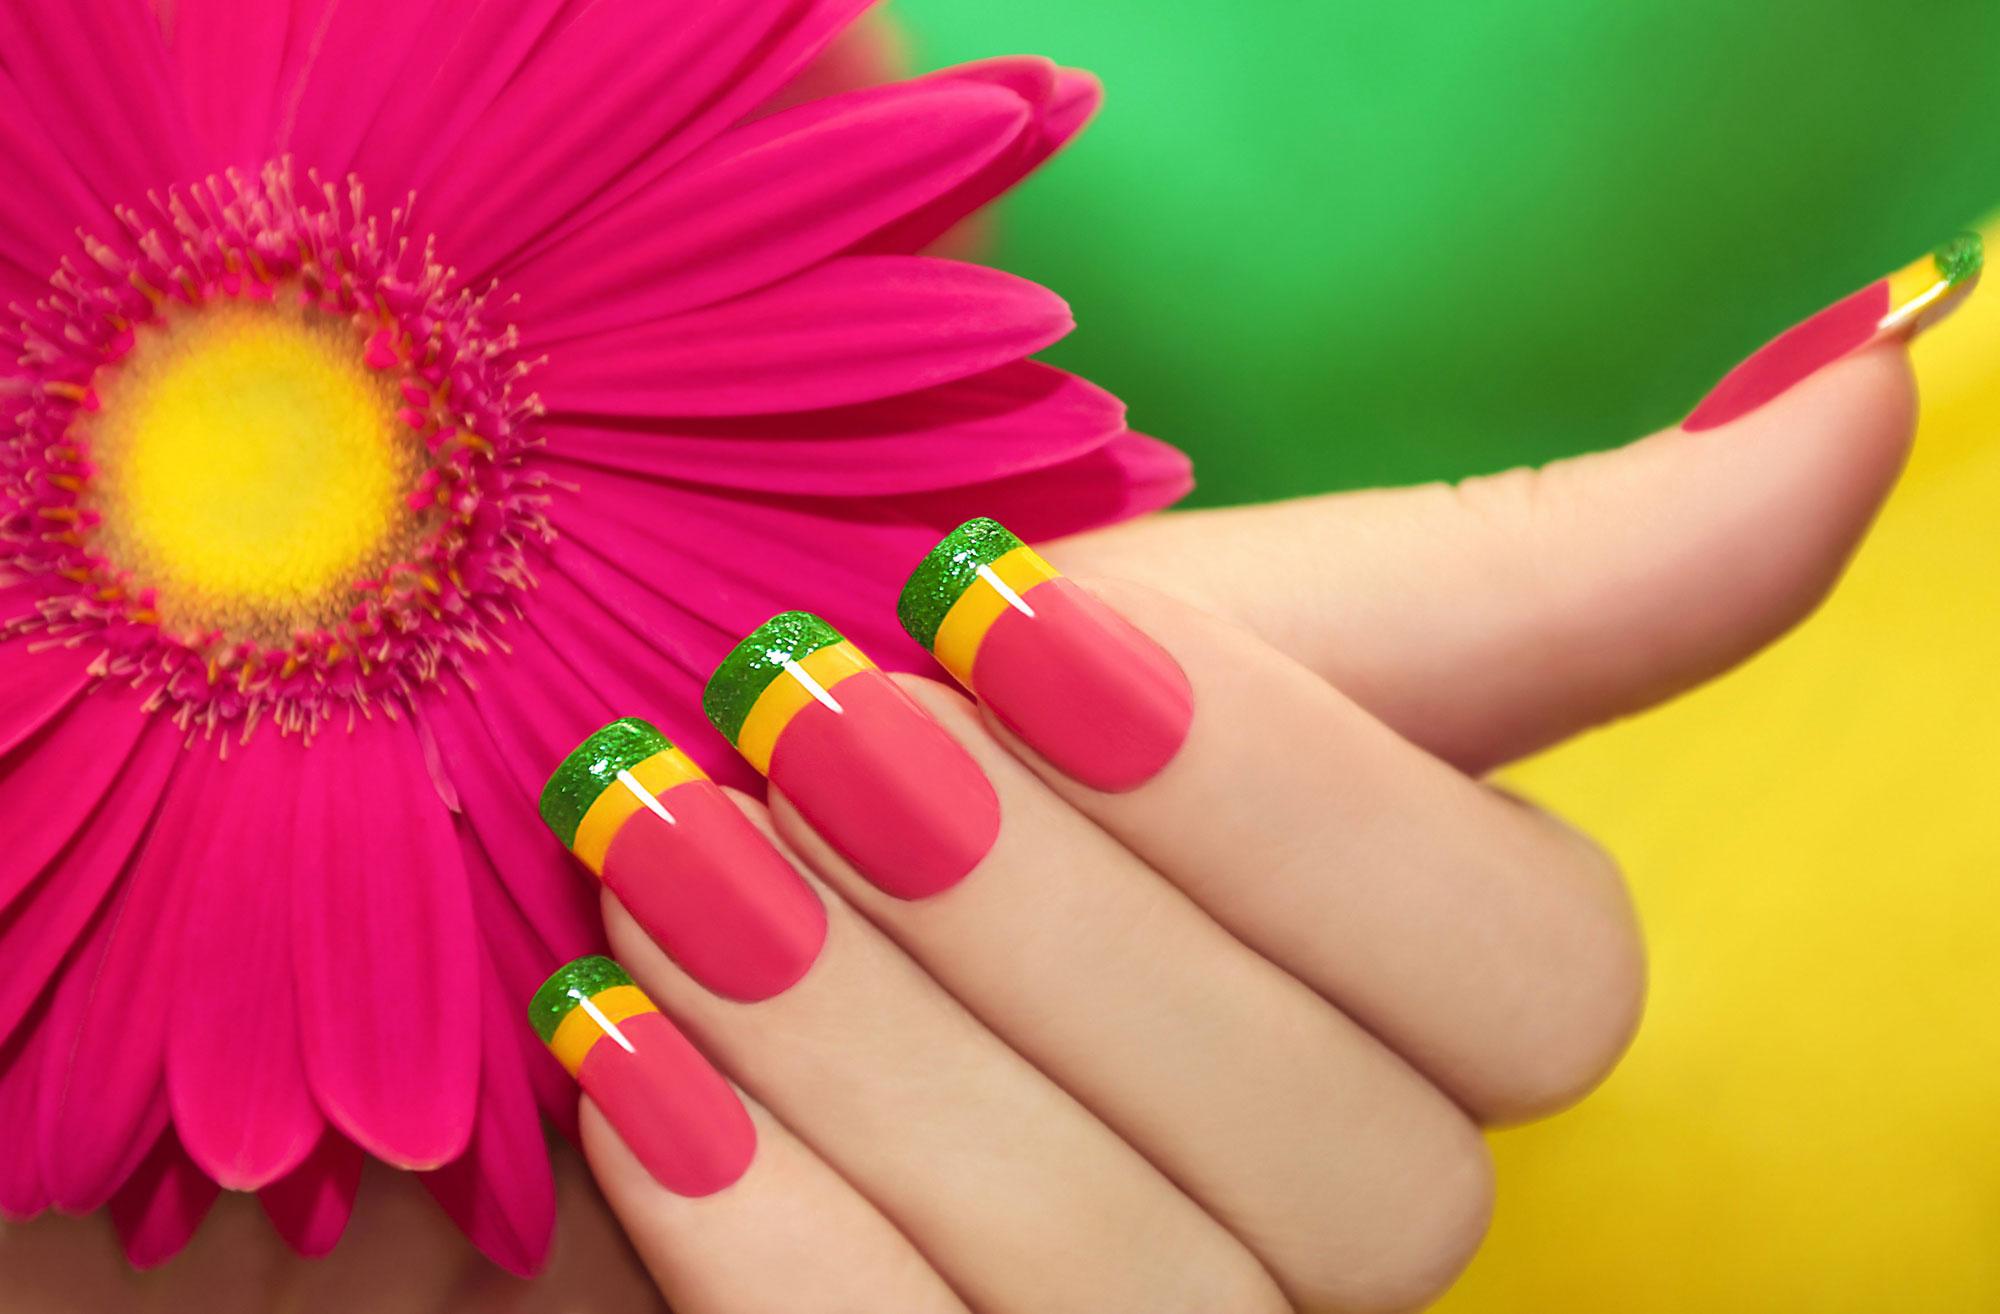 Яркие цвета для радостного маникюра.